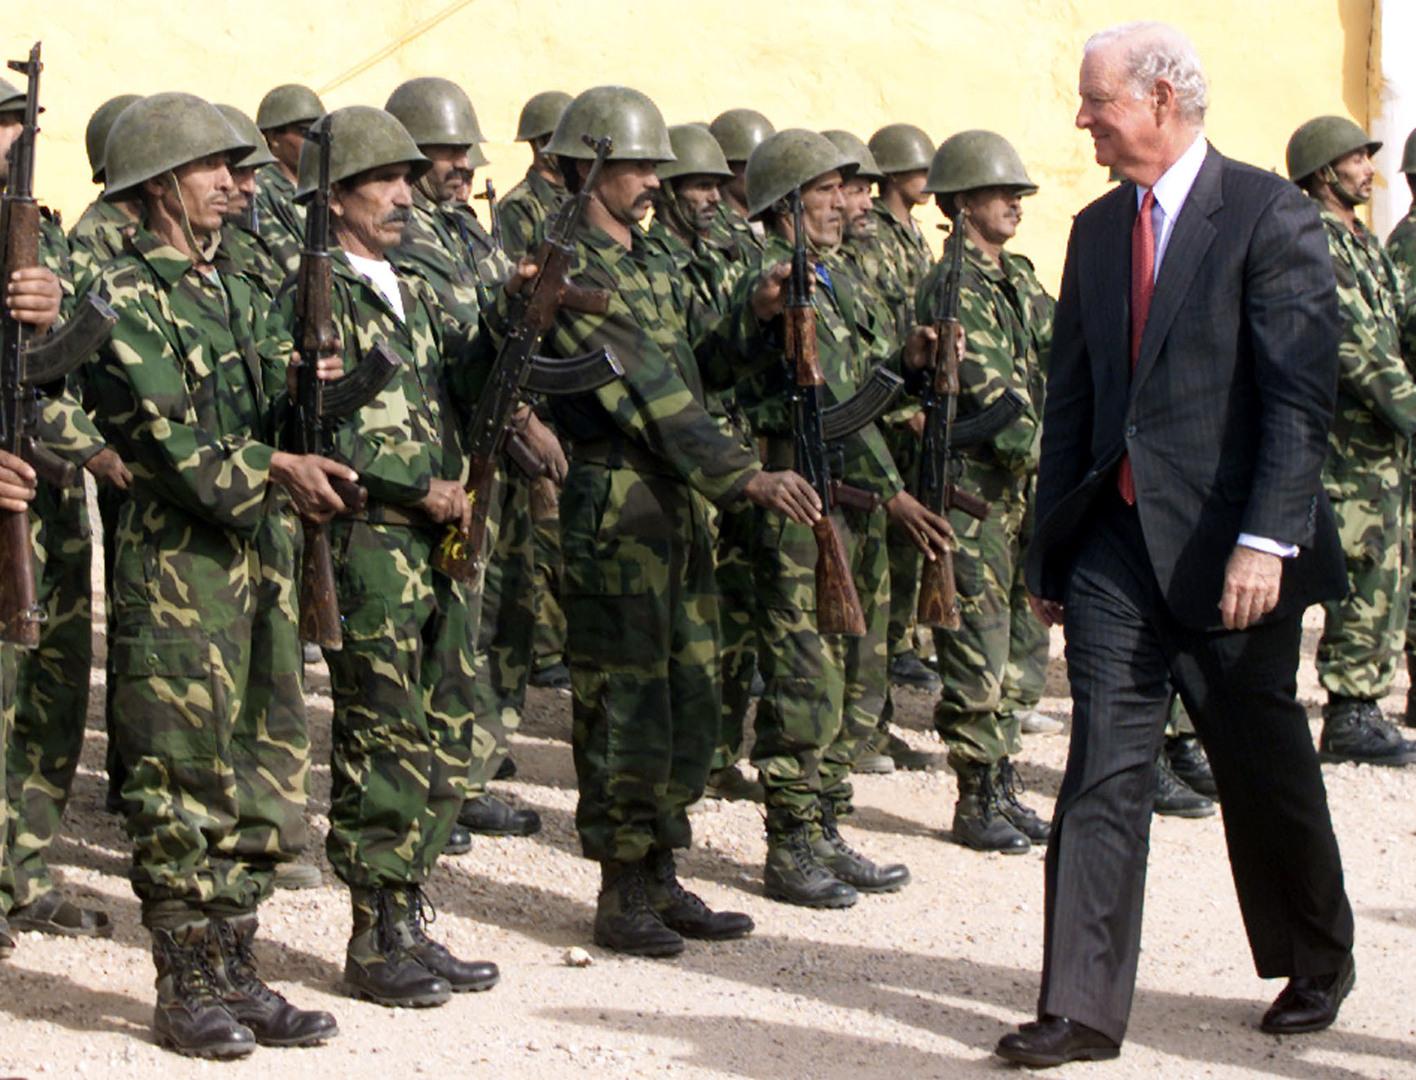 القوات الصحراوية تؤدي التحية العسكرية للمبعوث الأممي الأمريكي جيمس بيكر سنة 1991.